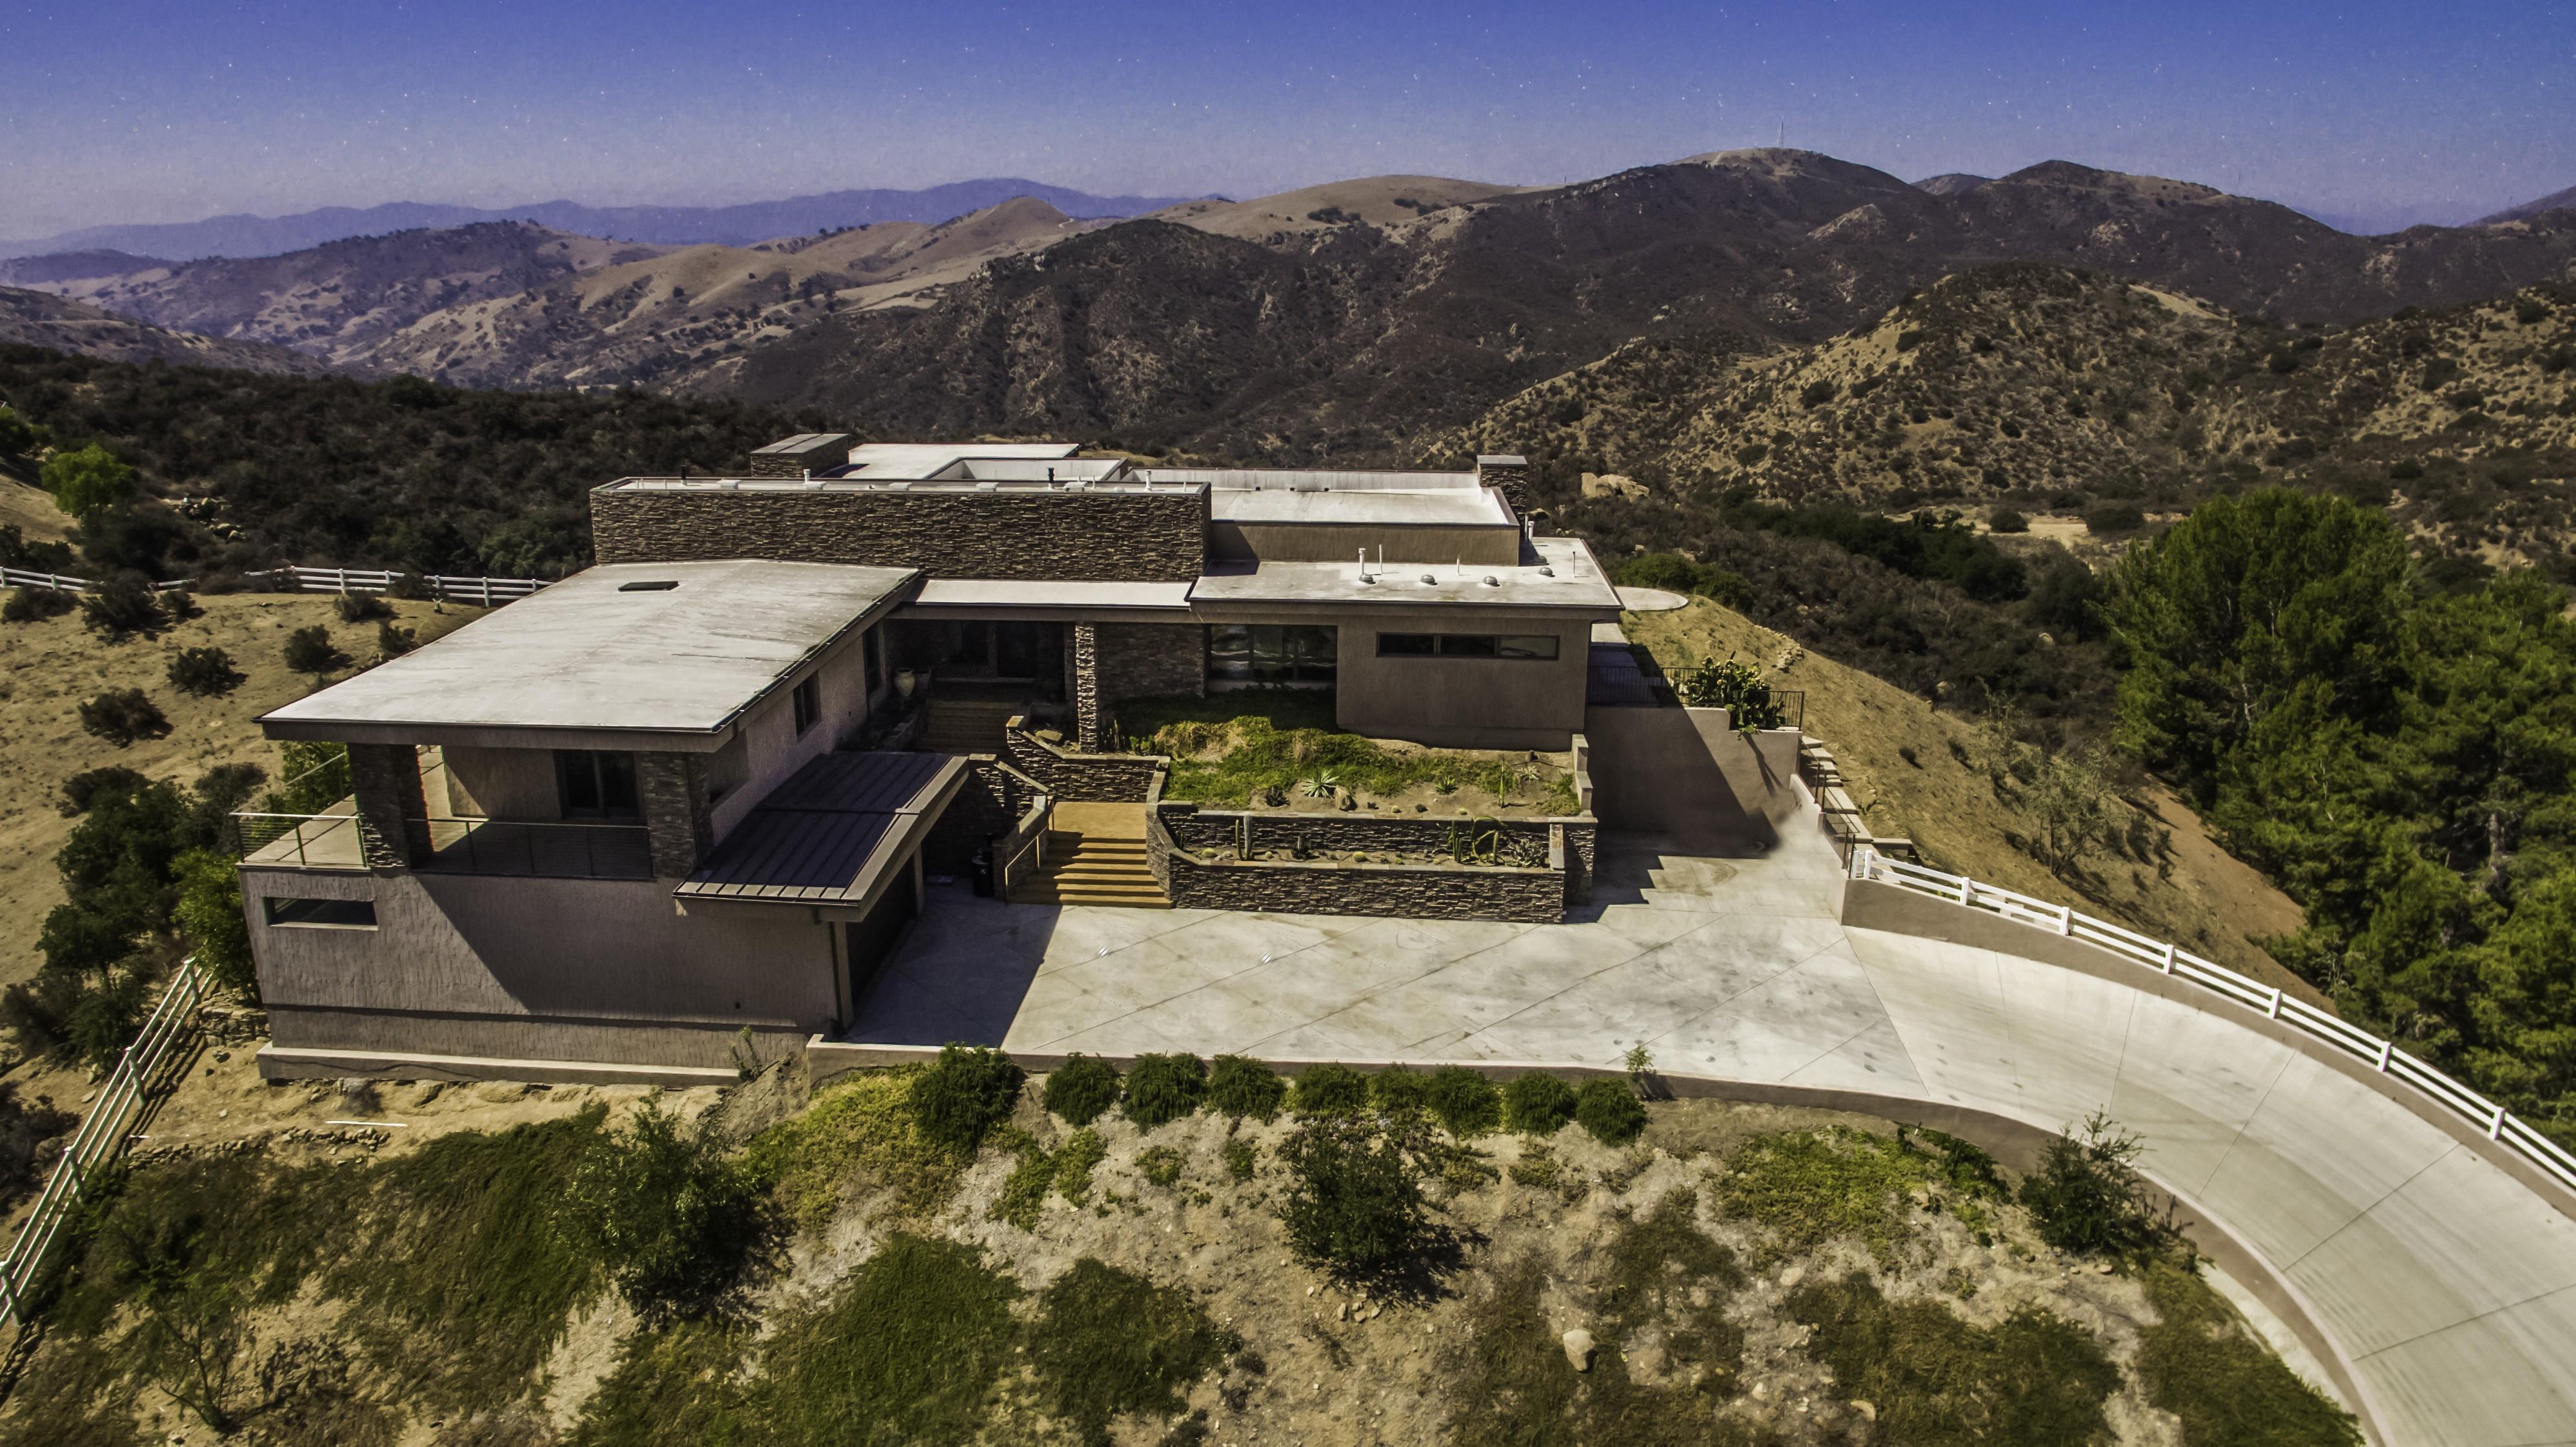 独户住宅 为 销售 在 9 Morgan Rd. Bell Canyon, 加利福尼亚州, 91307 美国